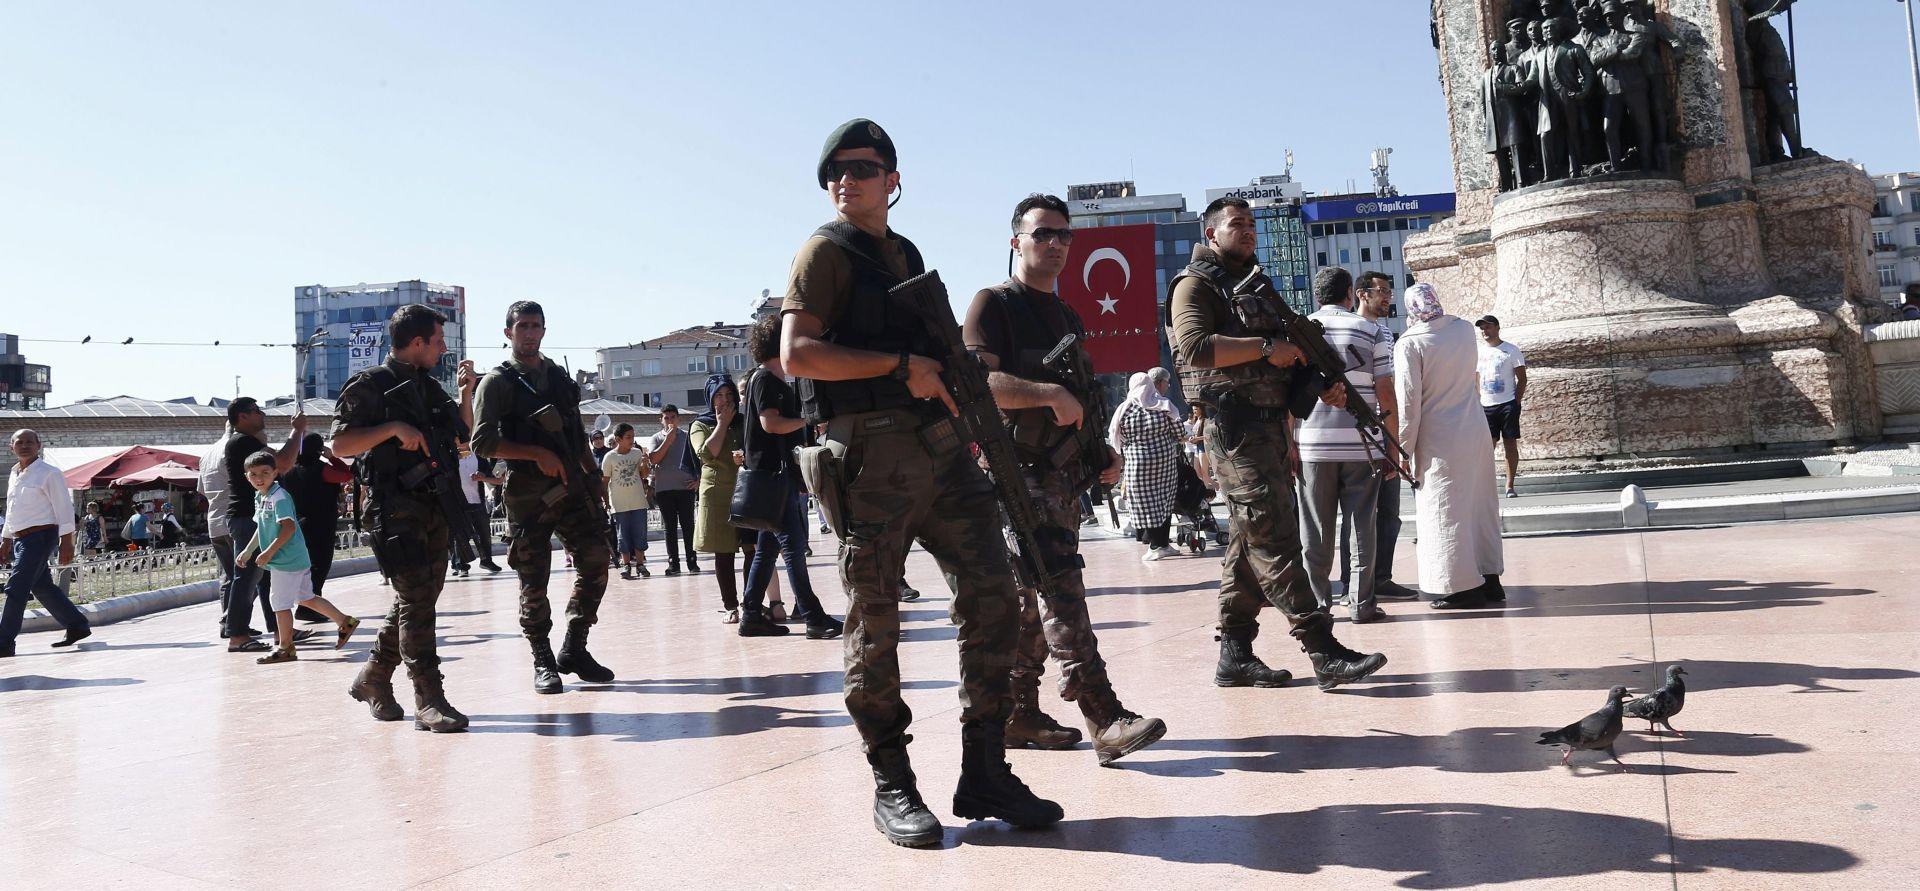 DVA BOMBAŠKA NAPADA PKK-A U Turskoj poginulo najmanje 8 osoba, više od 35 ranjeno